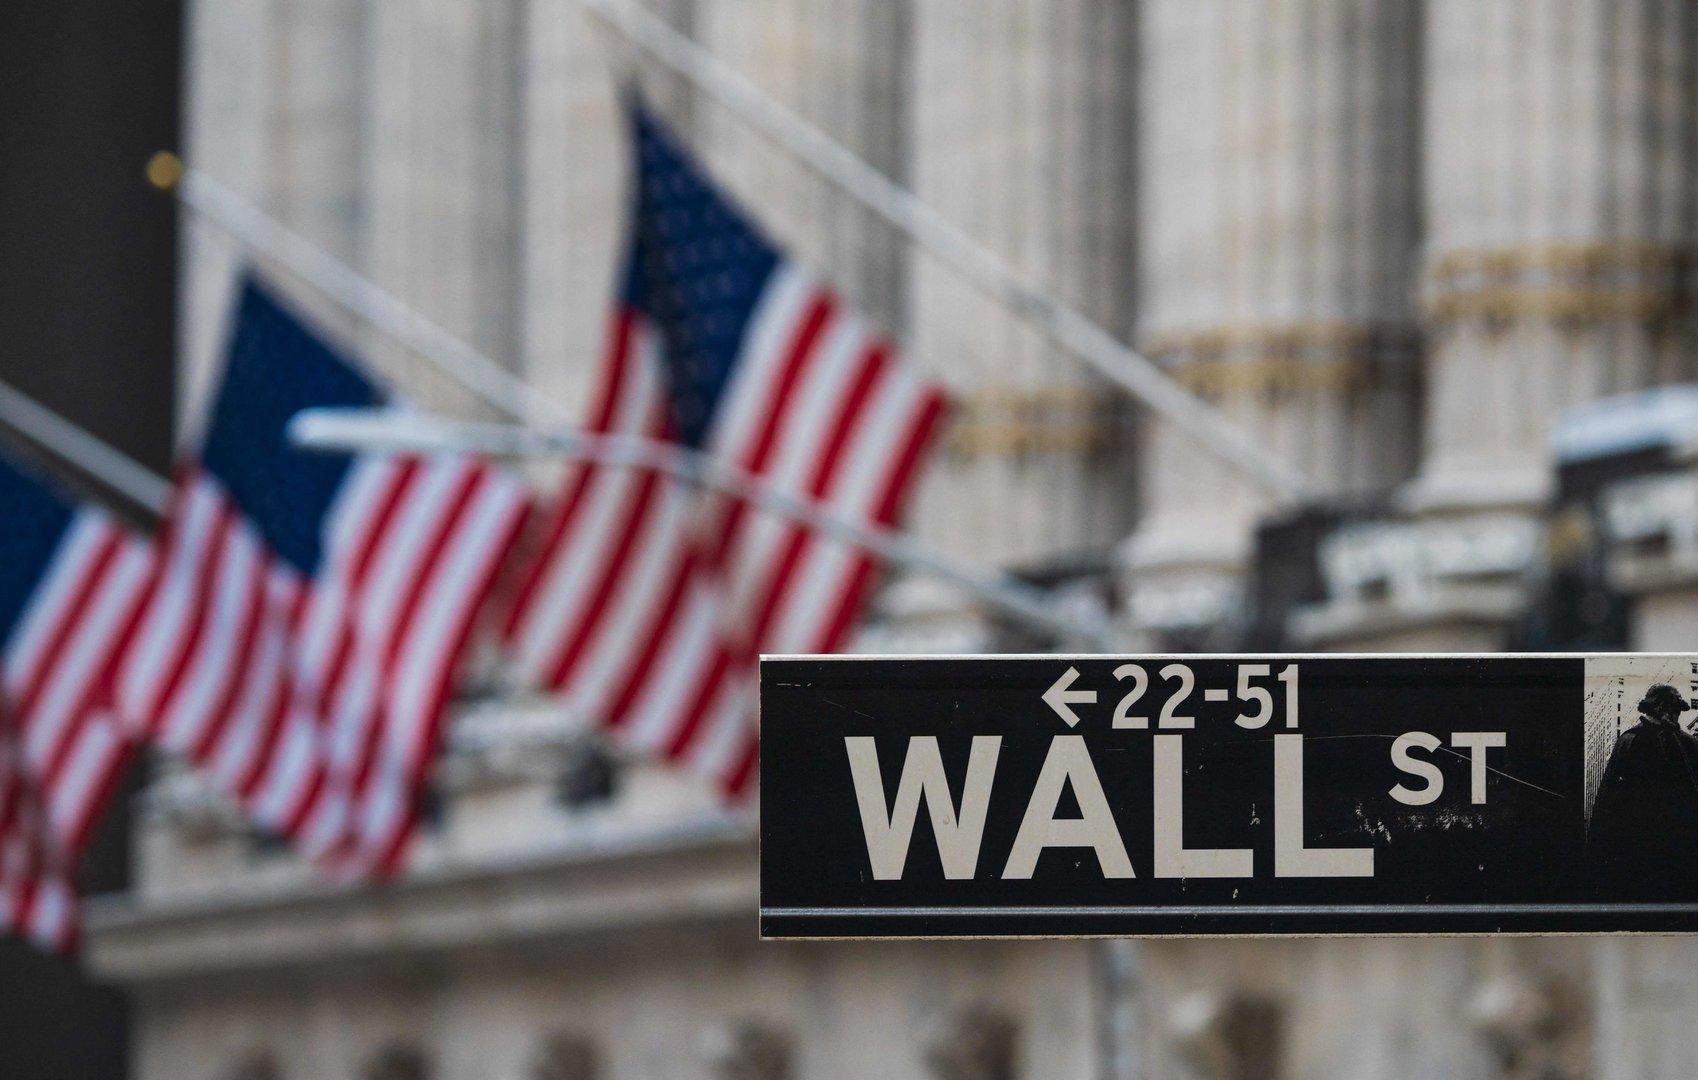 Börseblick: Dow Jones erneut auf Höchststand